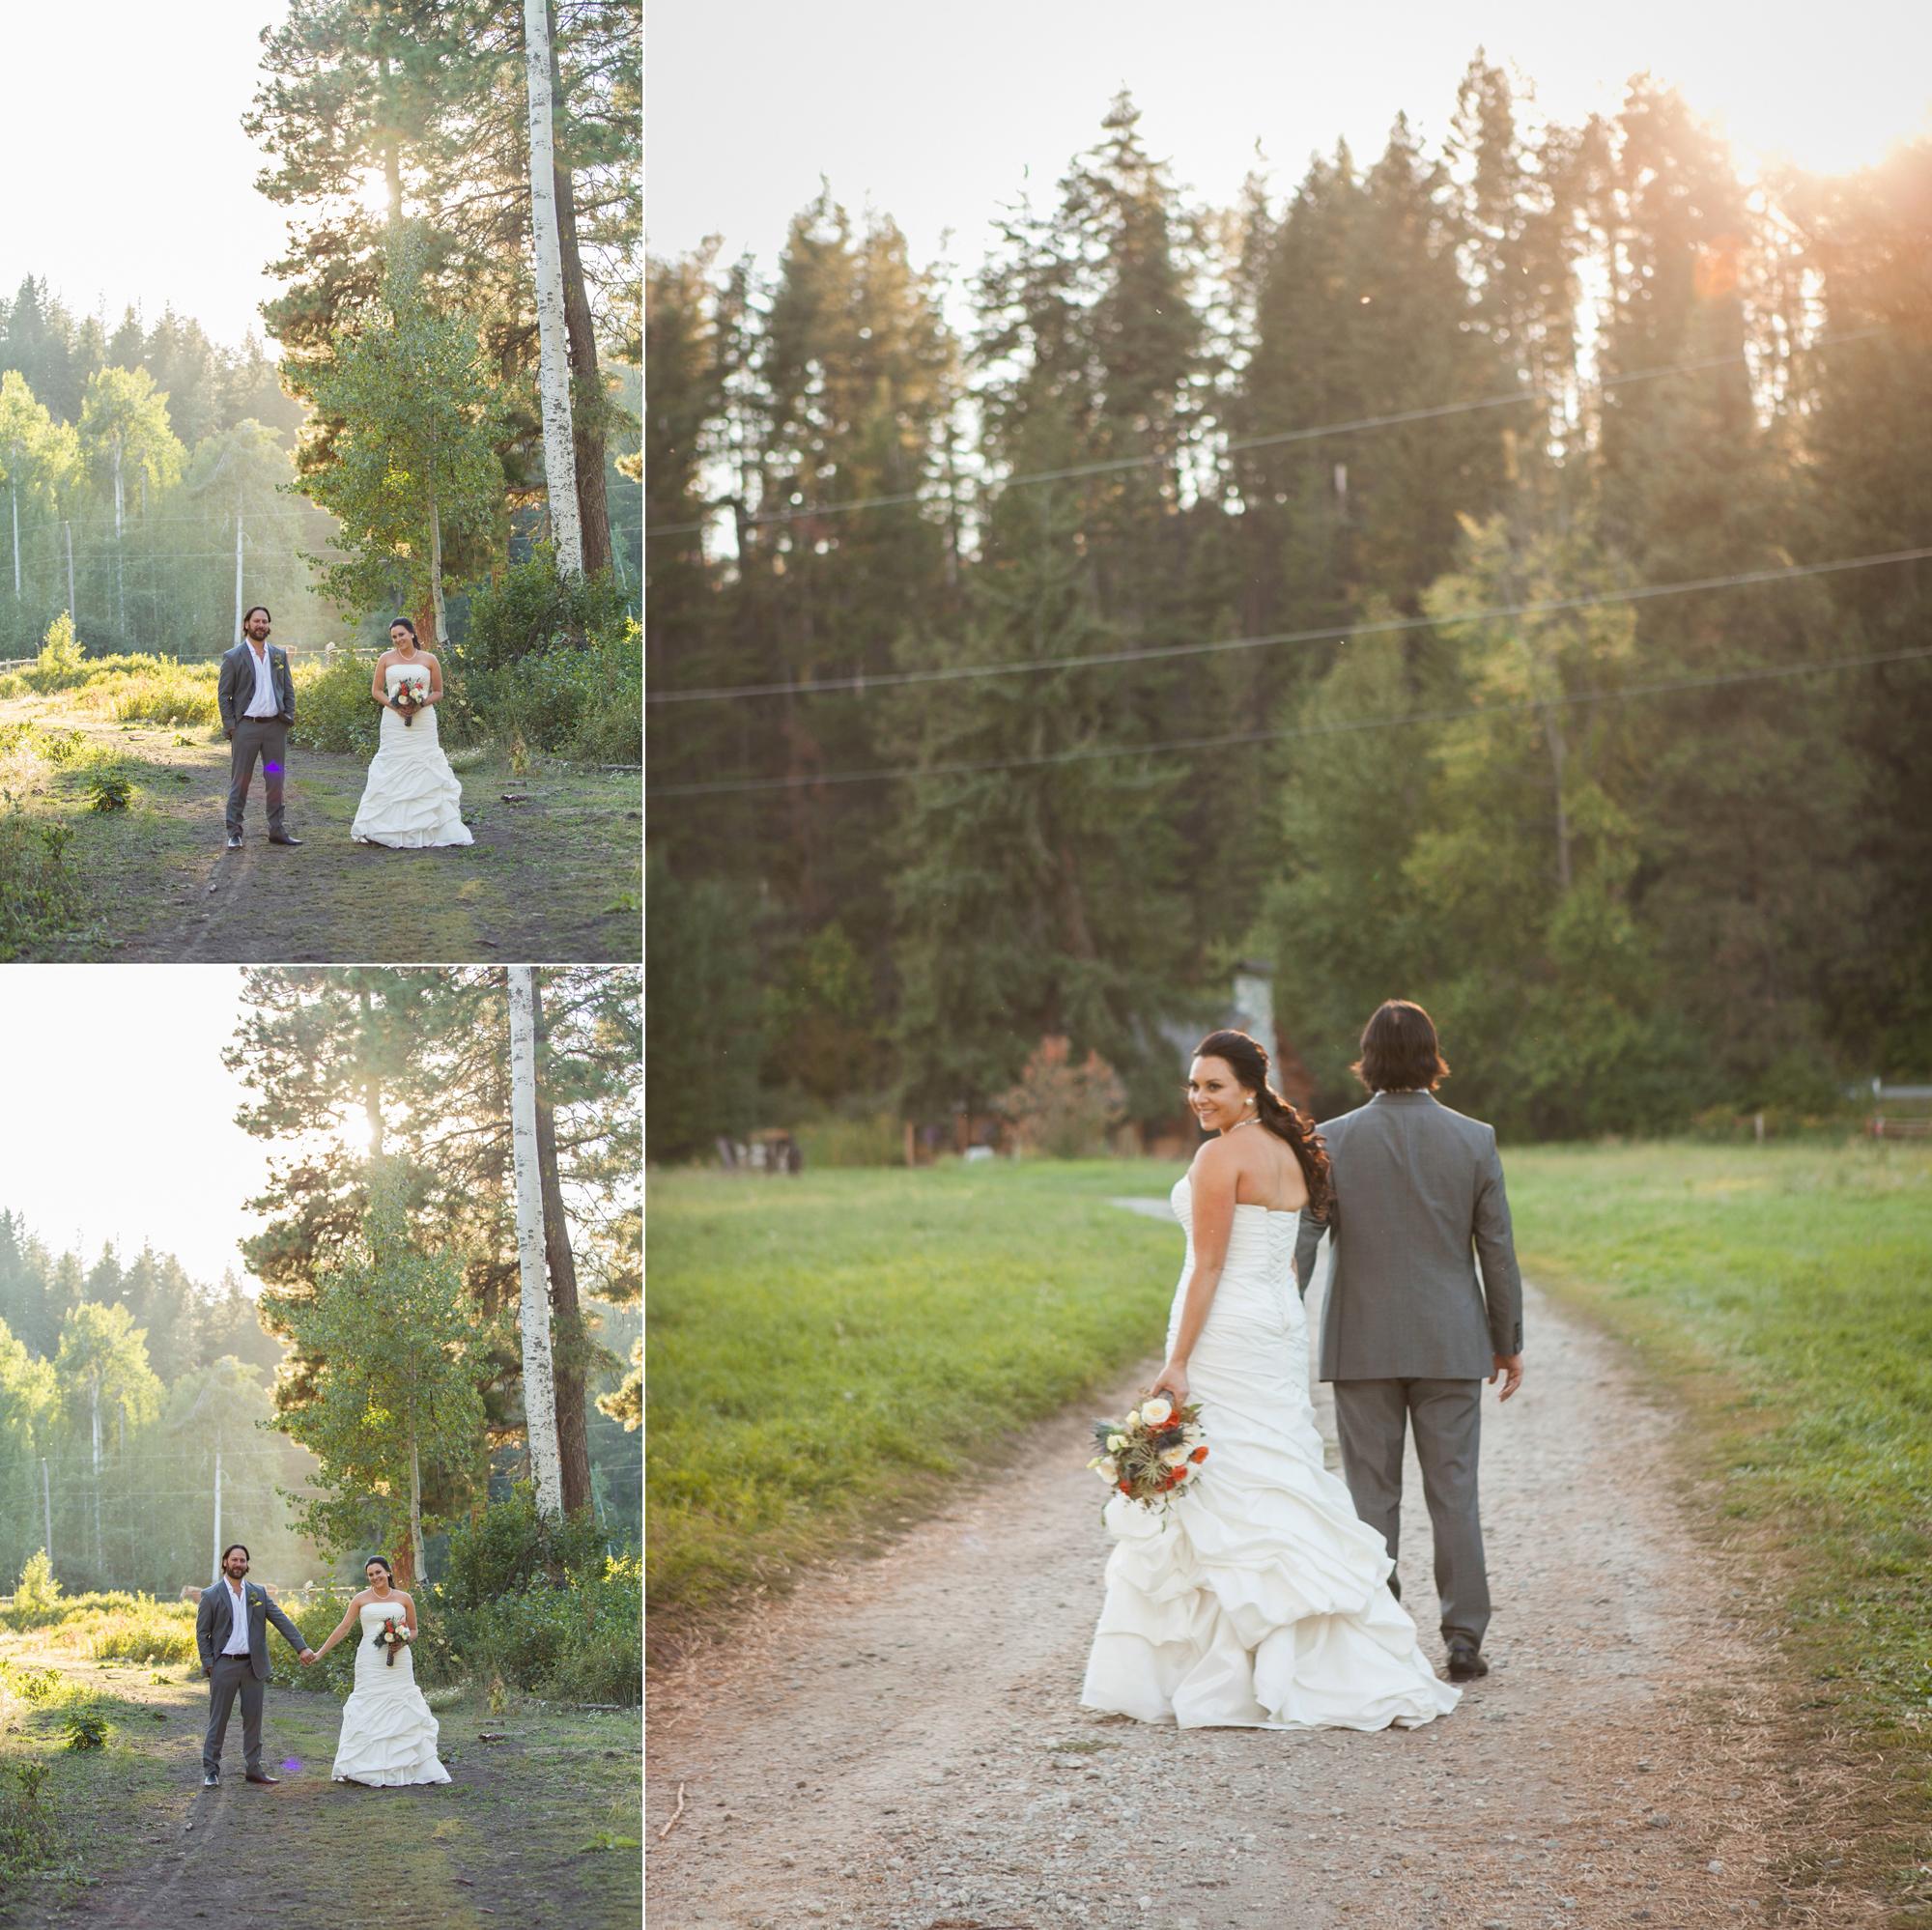 ashley vos photography seattle tacoma area wedding photographer_0843.jpg